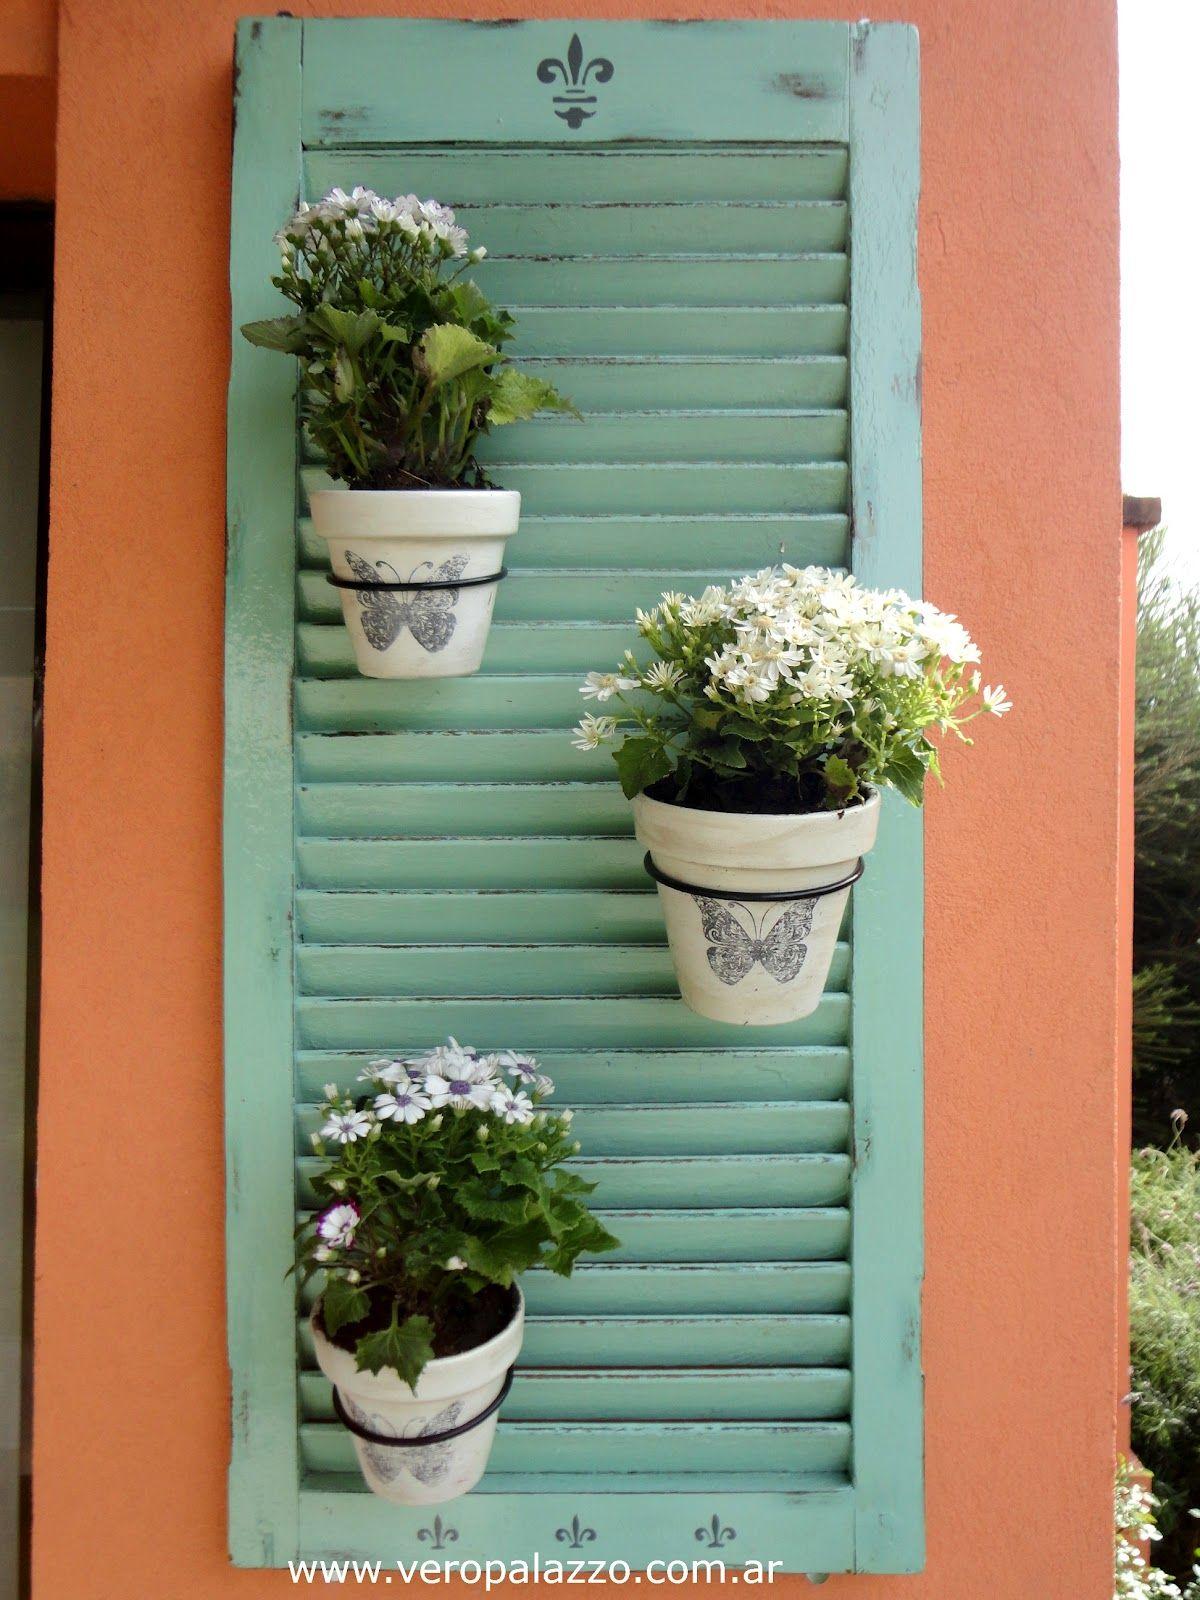 Vero palazzo accesorios objetos deco home sweet home do it yourself pinterest - Accesorios decoracion hogar ...